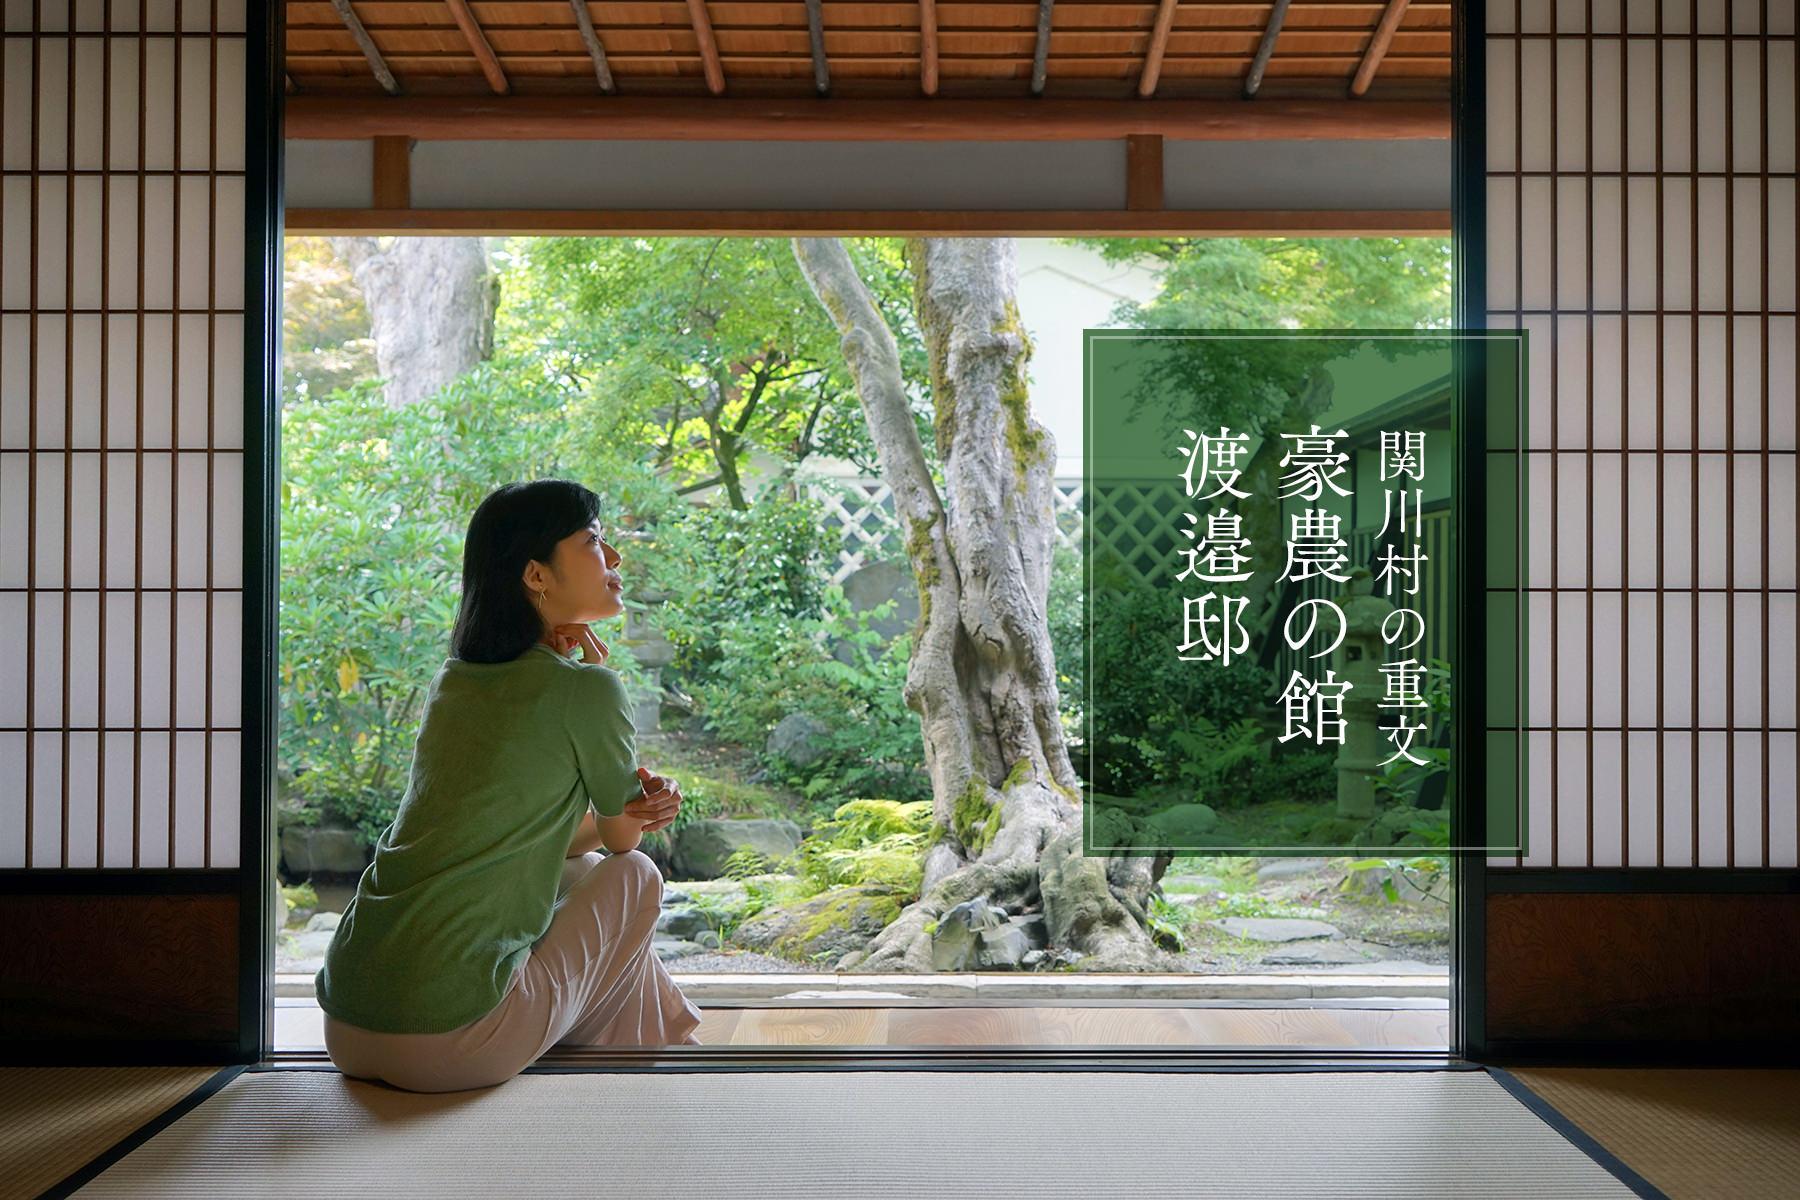 関川村の重文・豪農の館 渡邉邸